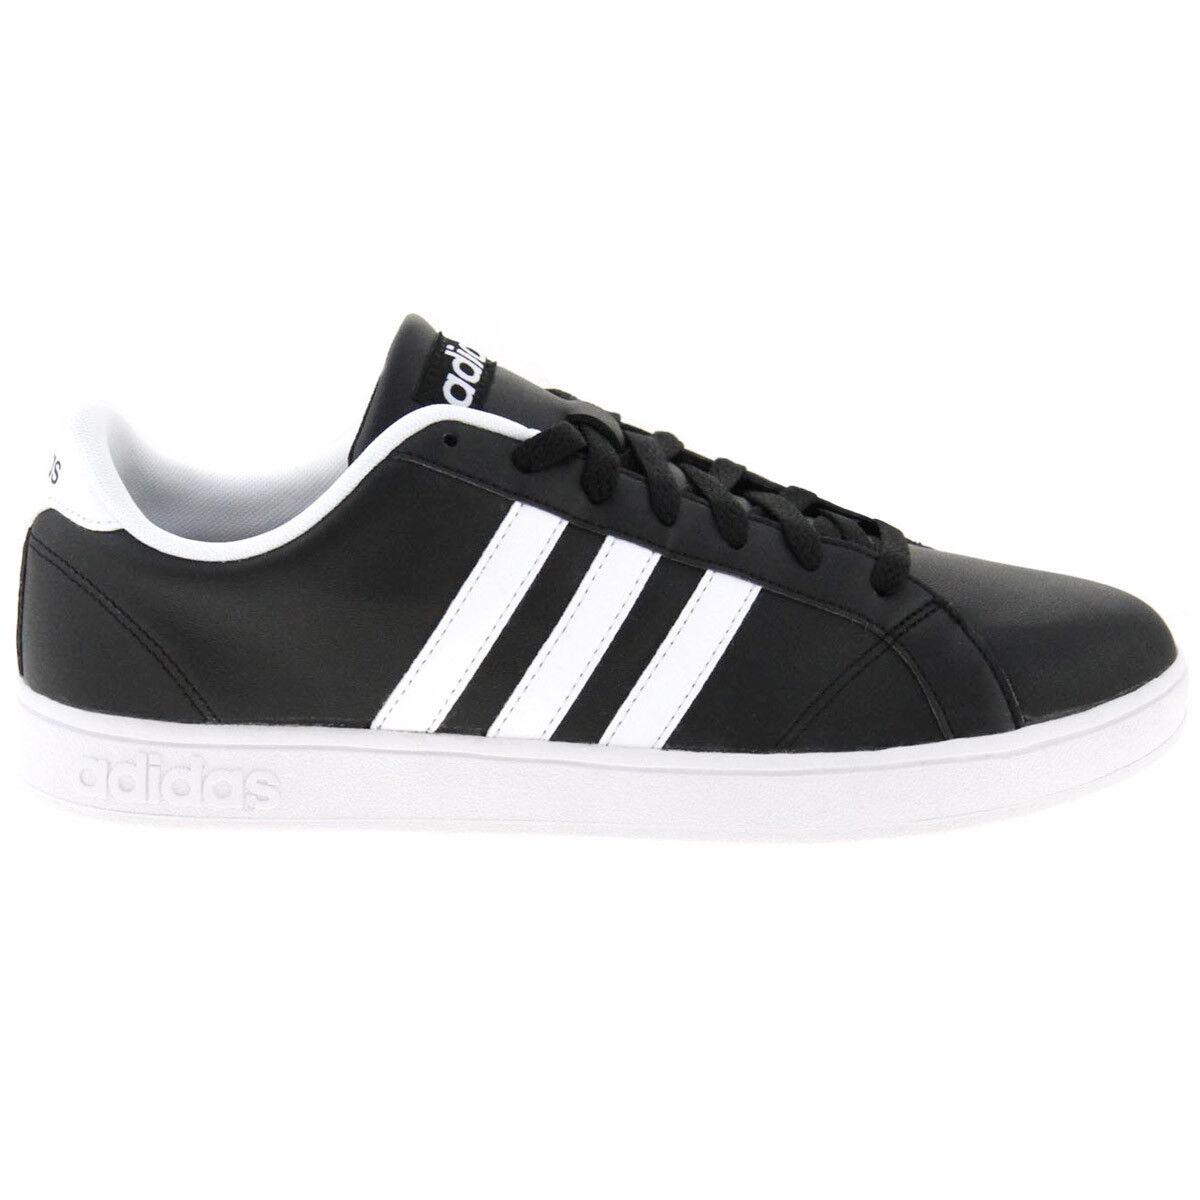 Adidas Herren Turnschuhe Turnschuhe Turnschuhe Baseline Low Schwarz Leder Schuhe Turnschuhe AW4617 NEU  | Sale  ac1d48